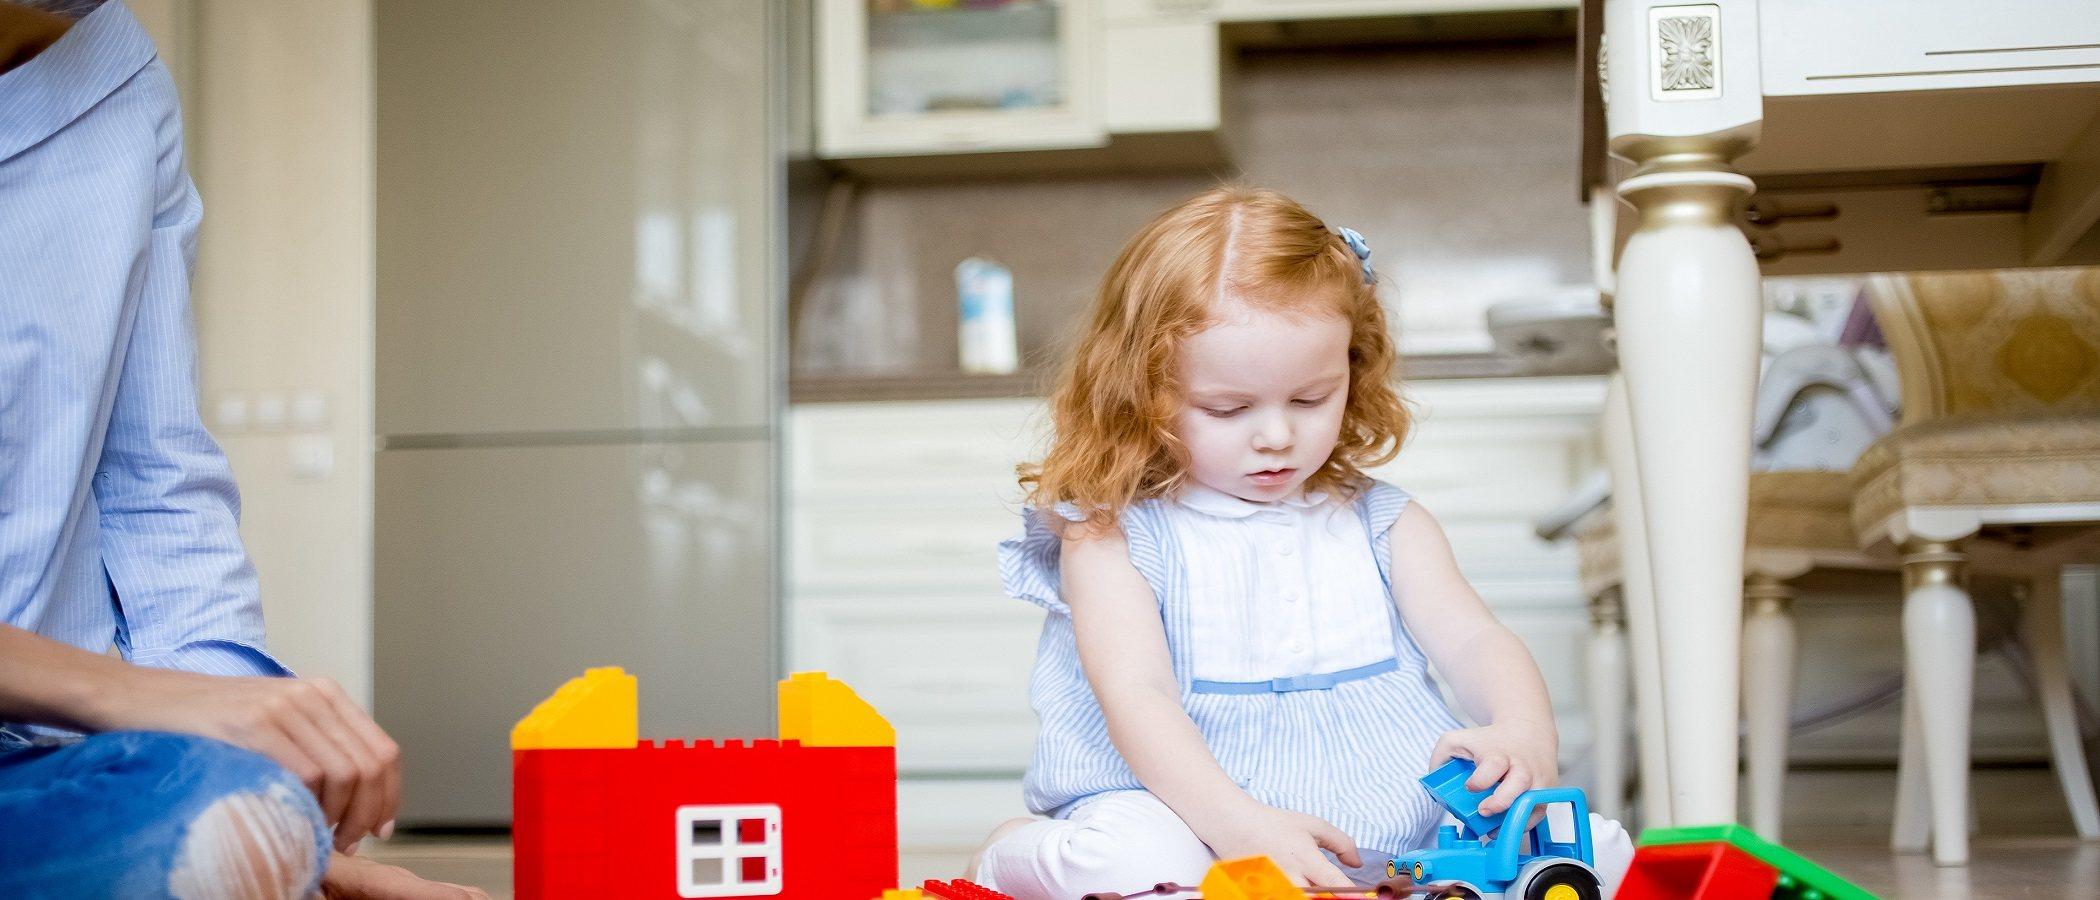 ¿Es preocupante que un niño tenga un amigo imaginario?